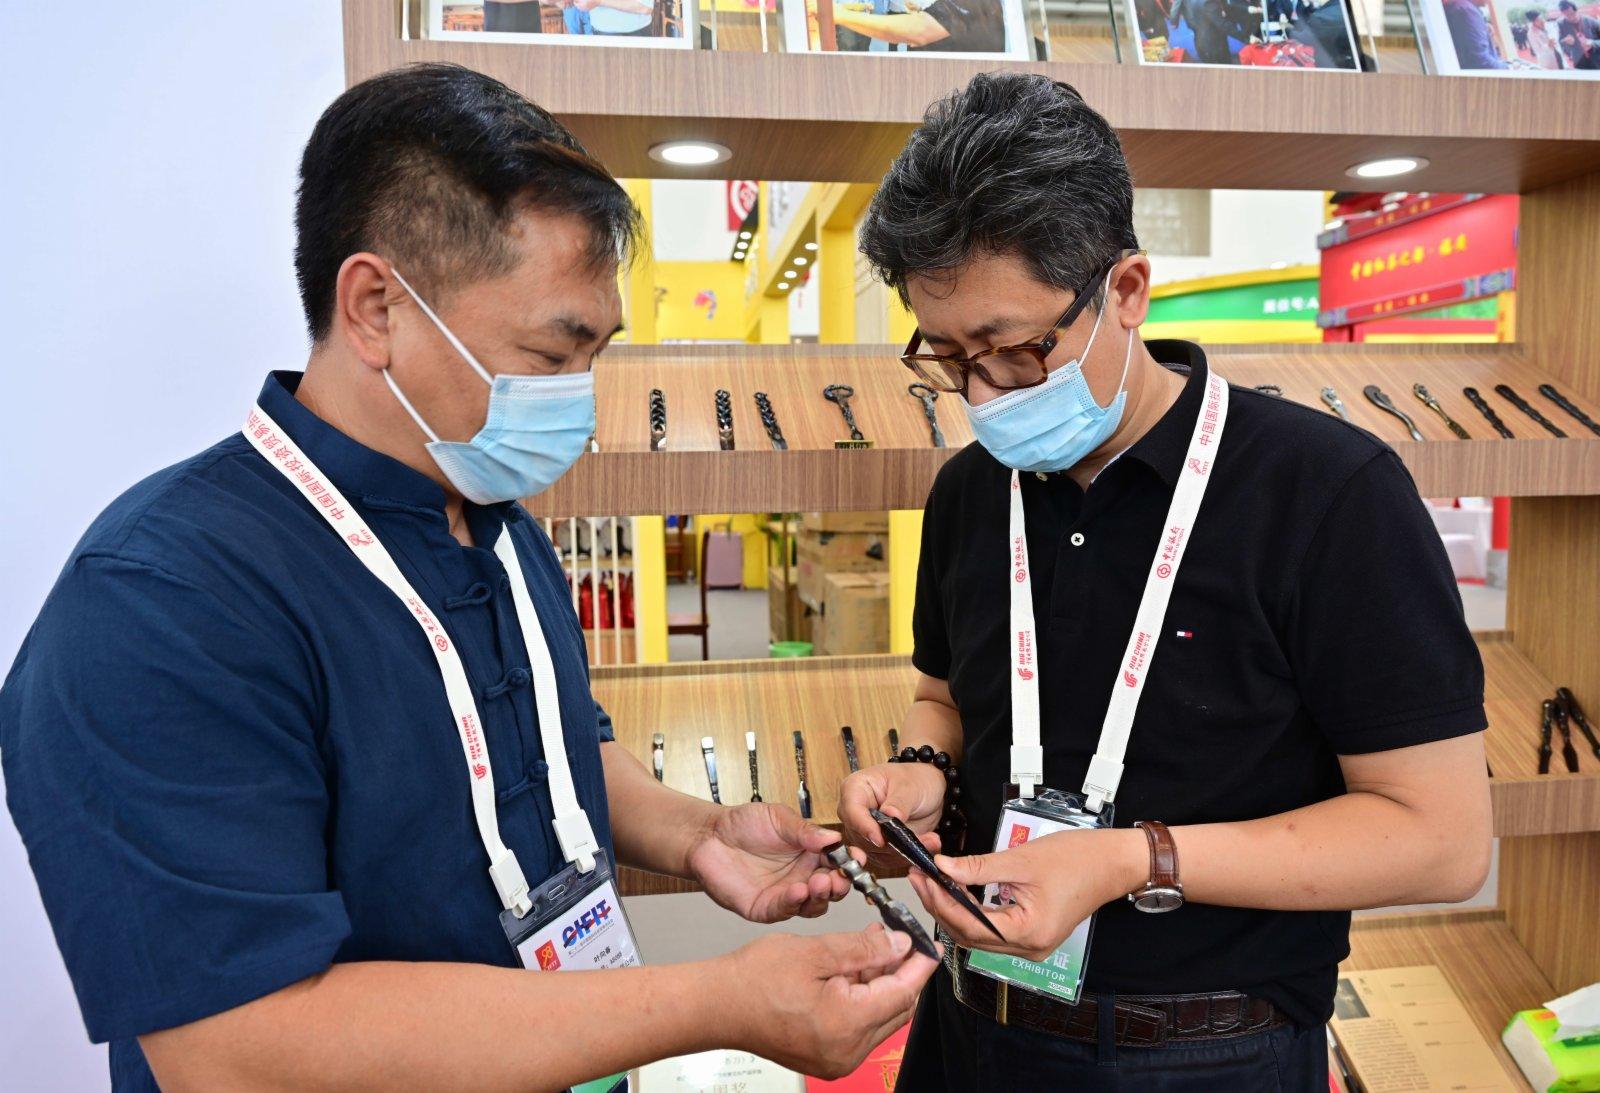 在第二十一屆中國國際投資貿易洽談會展館現場,與會客商(右)在了解福建省南平市松溪縣的非遺傳統手工刀具技藝。(新華社)